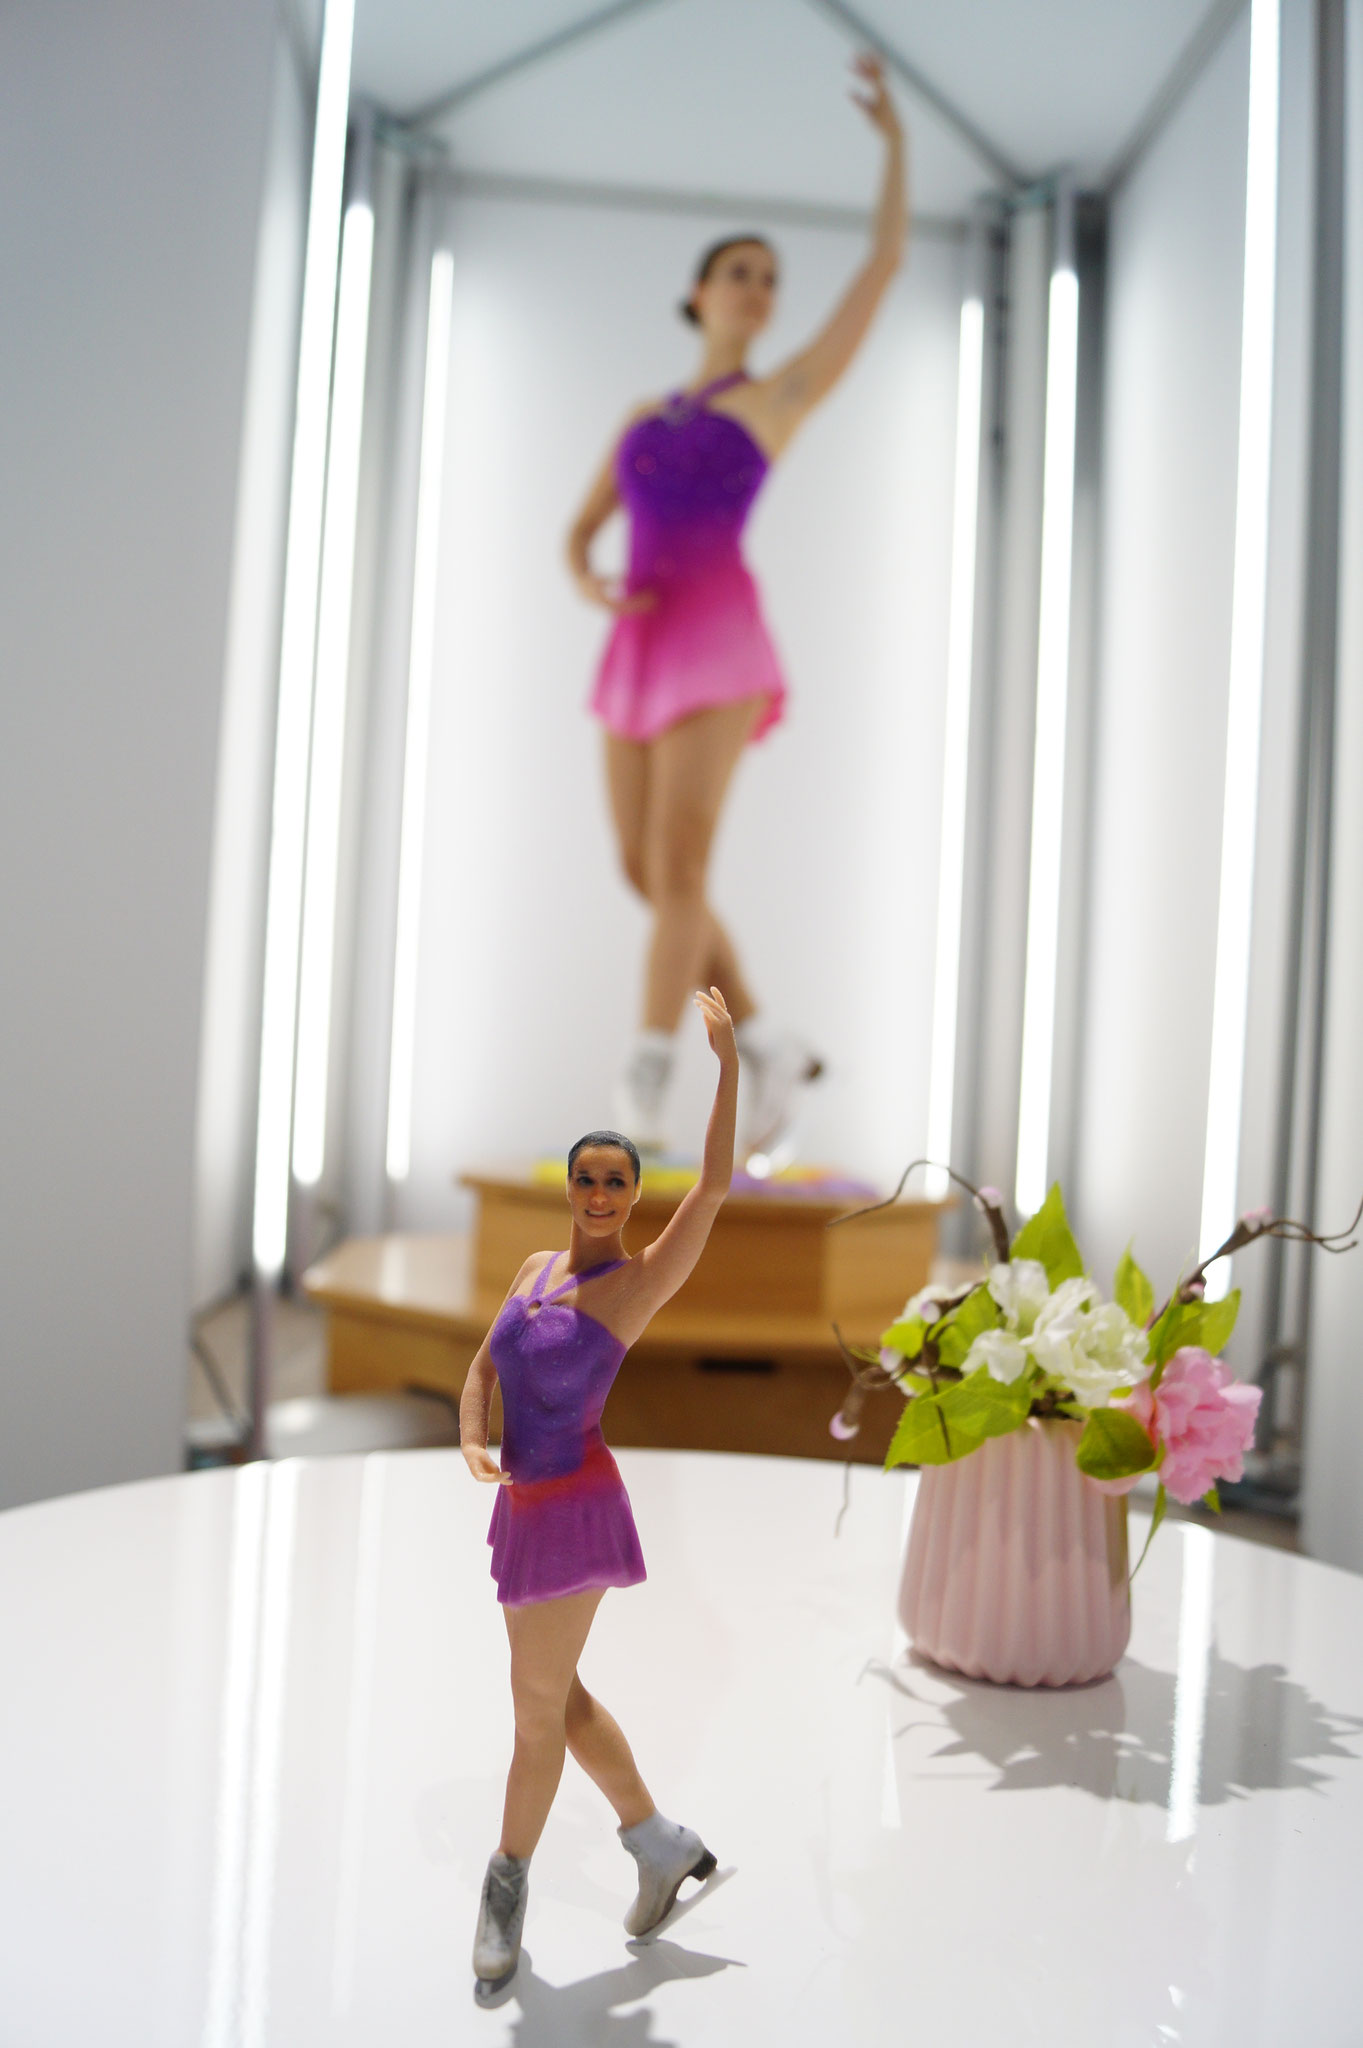 ab 49 zur eigenen 3d figur von 3dyourbody 3d figuren aus berlin m nchen k ln dresden und. Black Bedroom Furniture Sets. Home Design Ideas